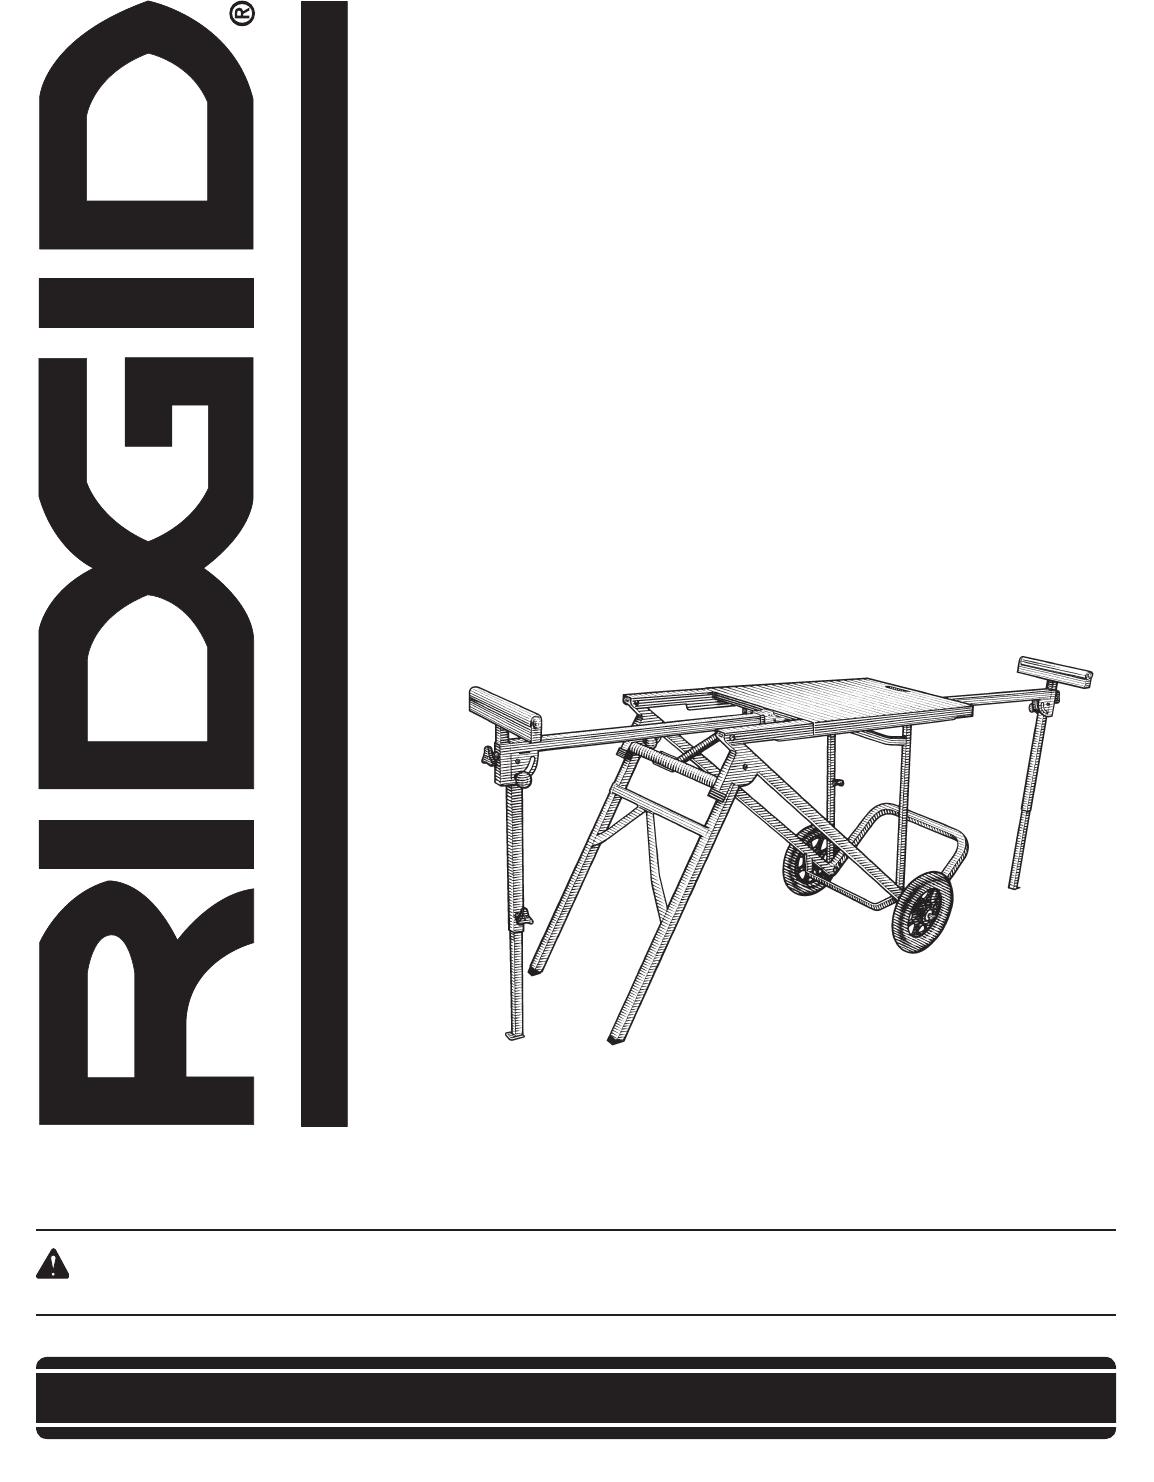 ridgid miter saw stand parts. ridgid saw ridgid miter stand parts